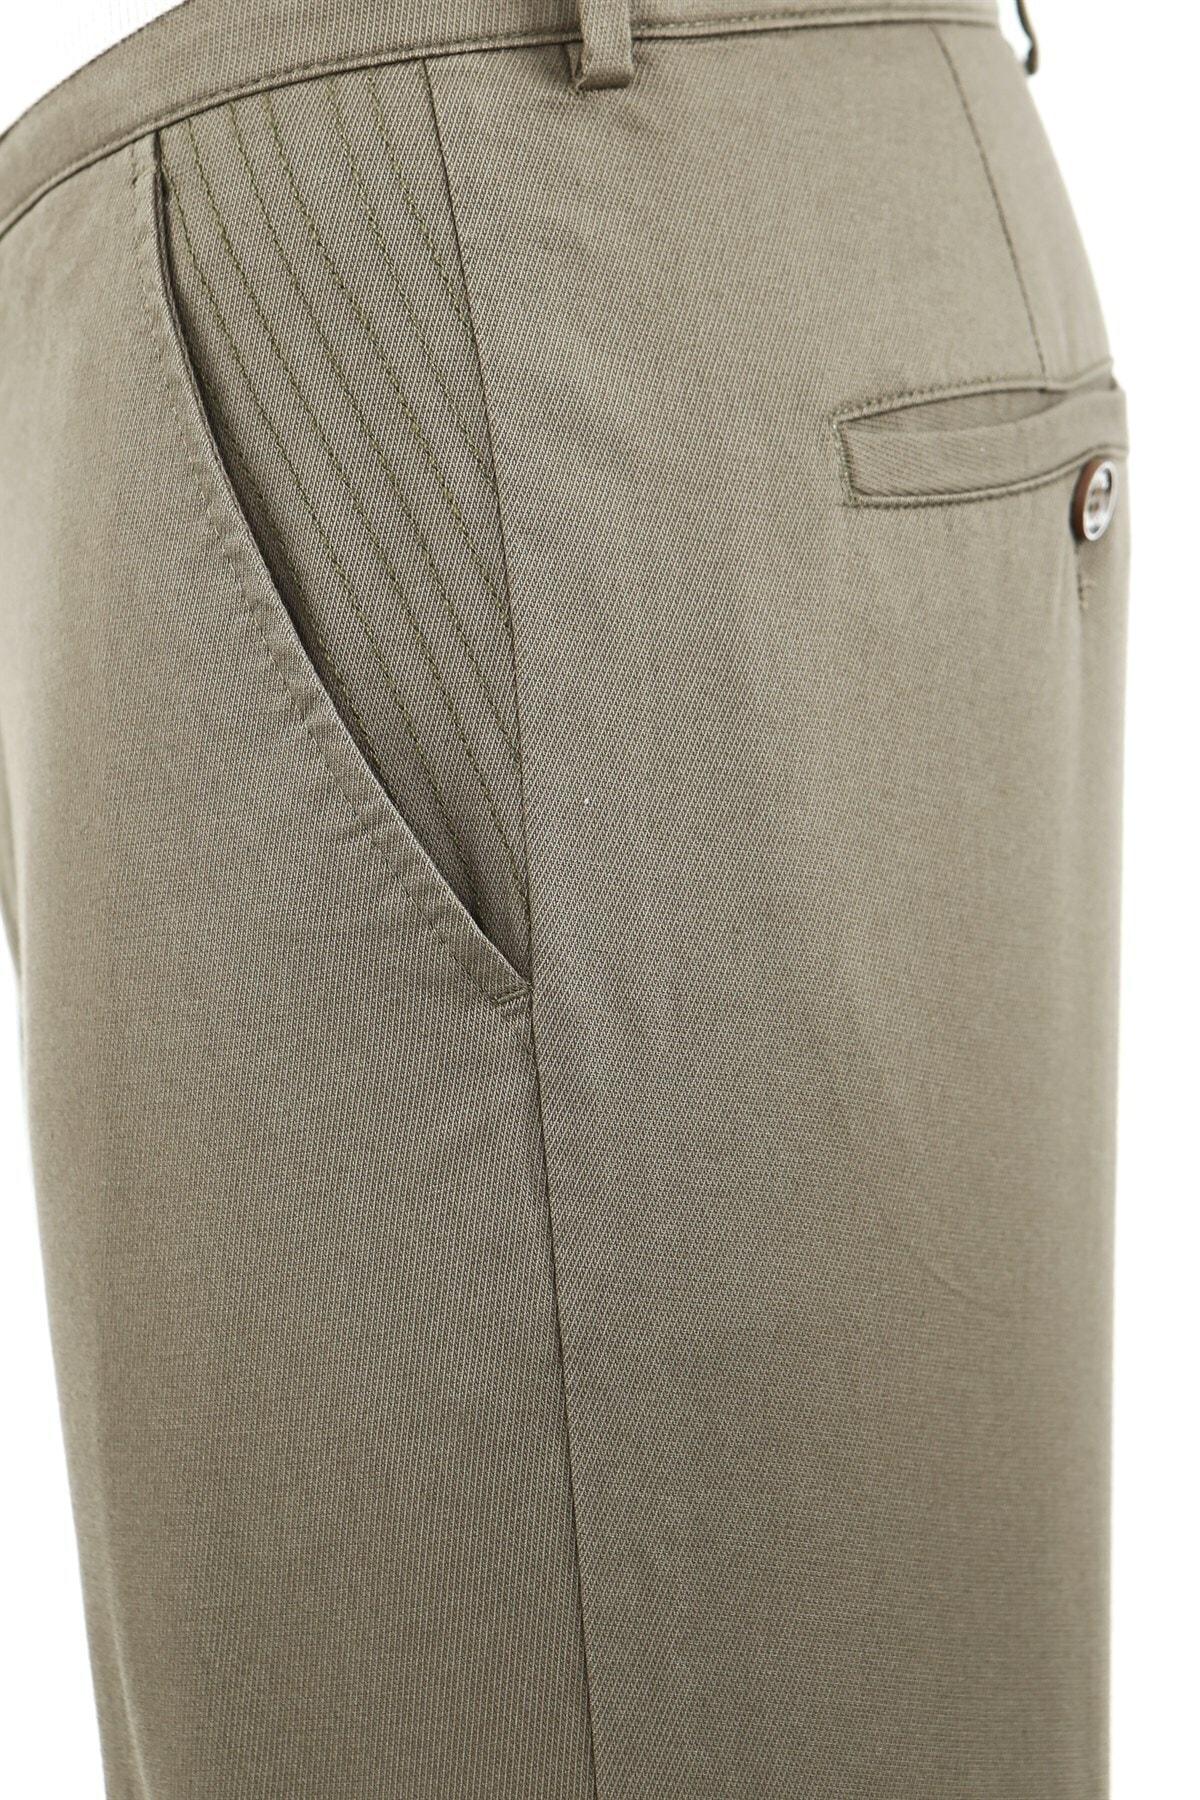 Jakamen Slim Fit Serili Pantolon Spor Yan Cep Serili 2